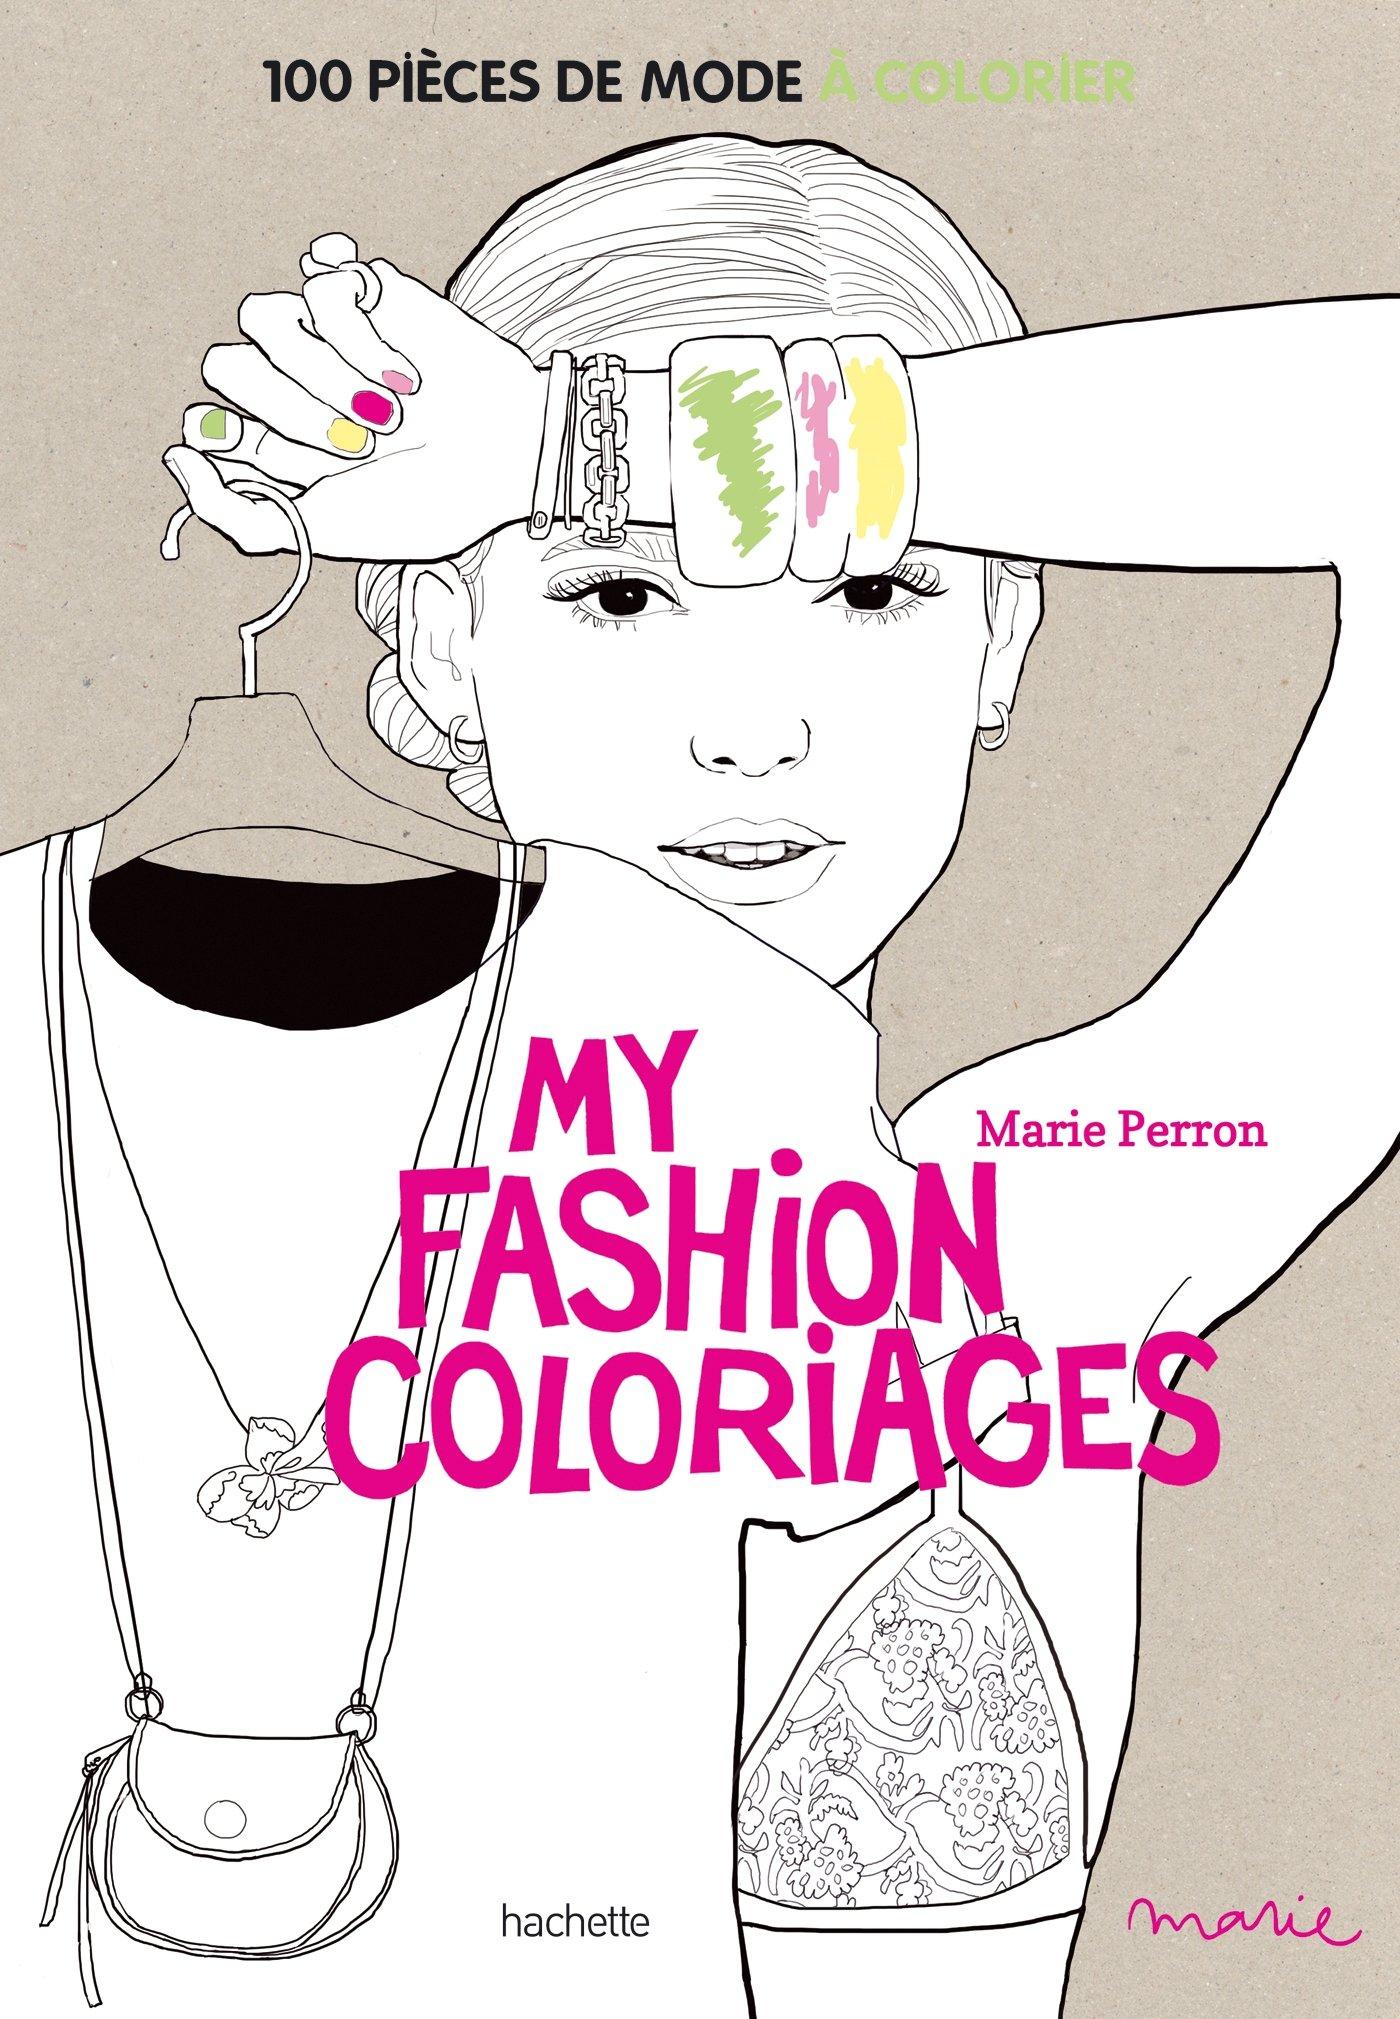 Amazon Fr My Fashion Coloriages 100 Pieces De Mode A Colorier Perron Marie Livres